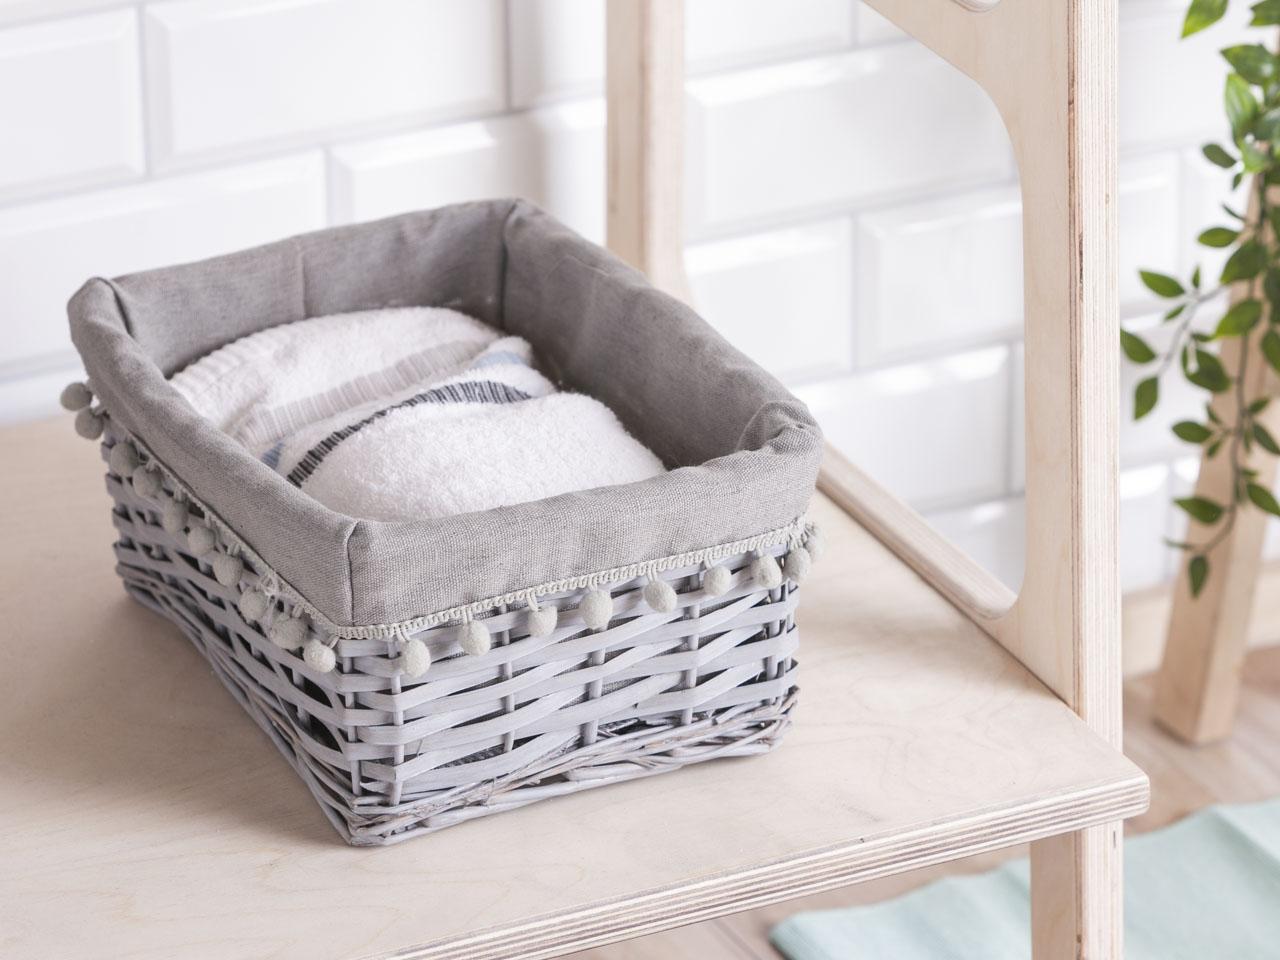 Koszyk do przechowywania wiklinowy materiałowa wyściółka z pomponami Altom Design szary 30x21x13 cm